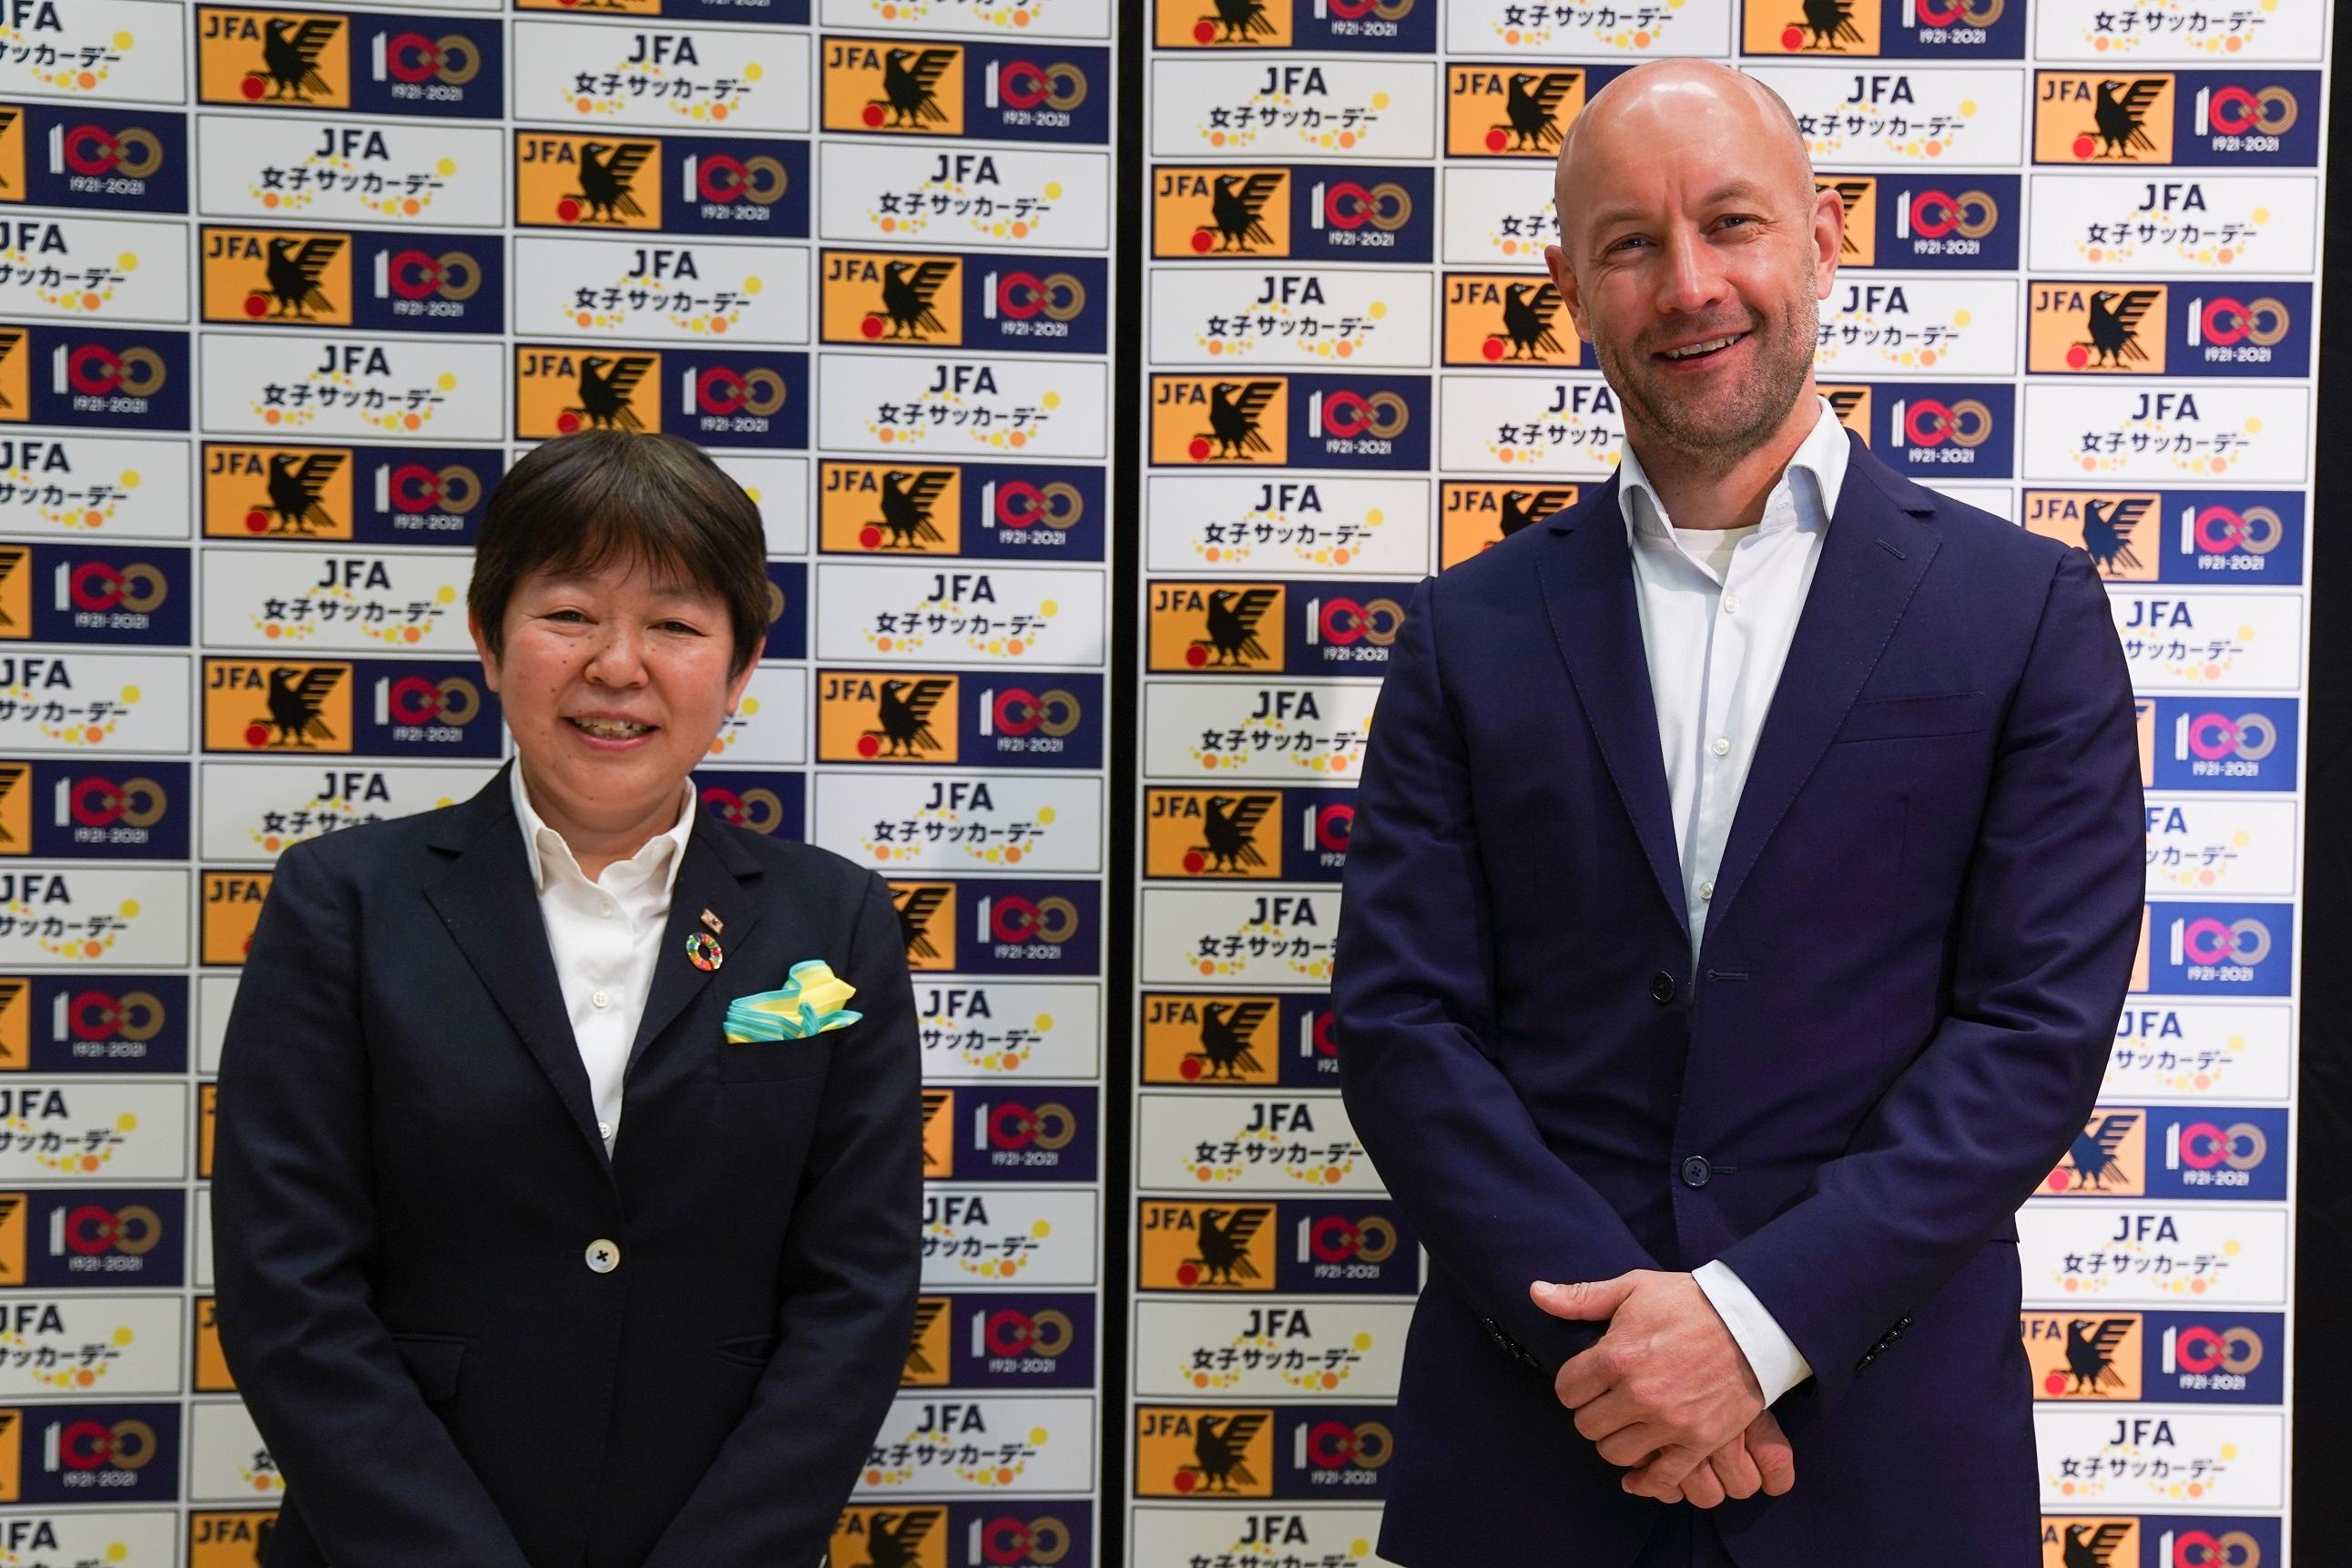 日本サッカー協会女子委員長の今井純子氏(左)とアディダス ジャパン株式会社副社長のトーマス・セイラー氏